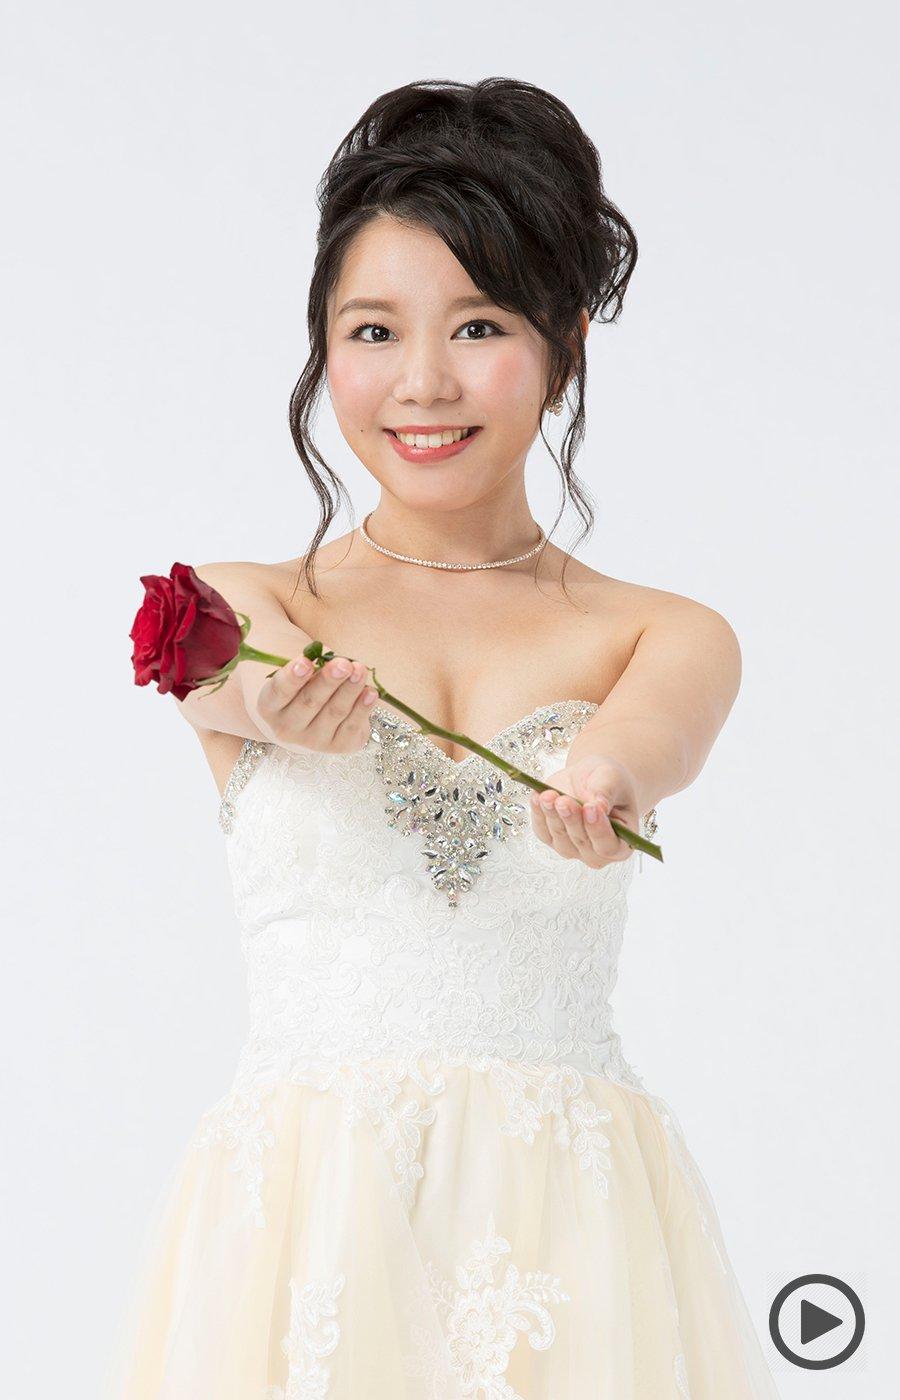 西村由花(バチェラージャパンシーズン2参加女性)の経歴や性格は?劇団は何処?舞台女優は過去が悲惨?